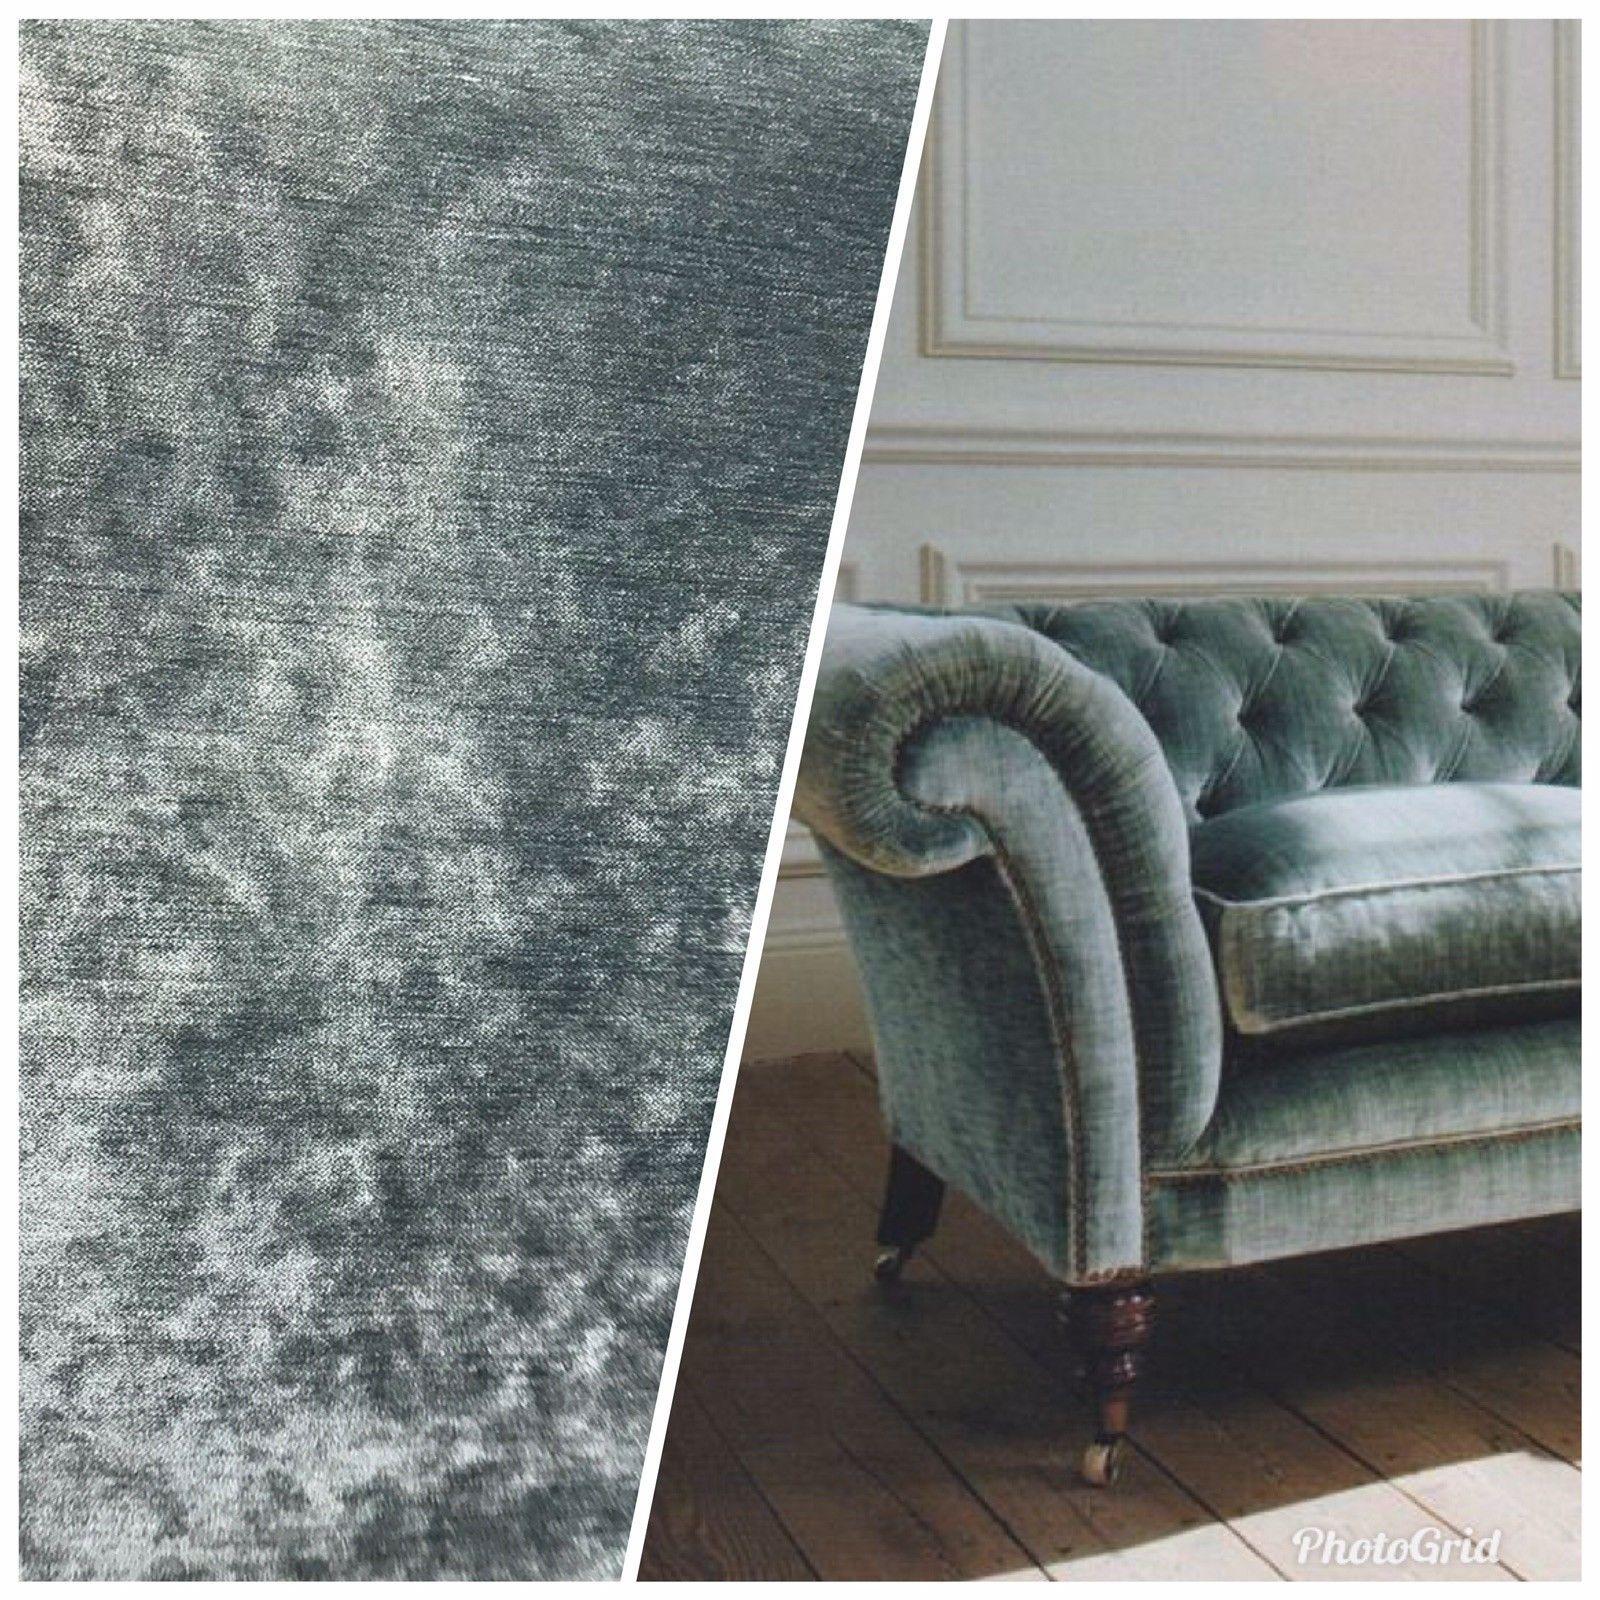 NEW Designer Velvet Upholstery Fabric - Green Grey- By the yard #velvetupholsteryfabric